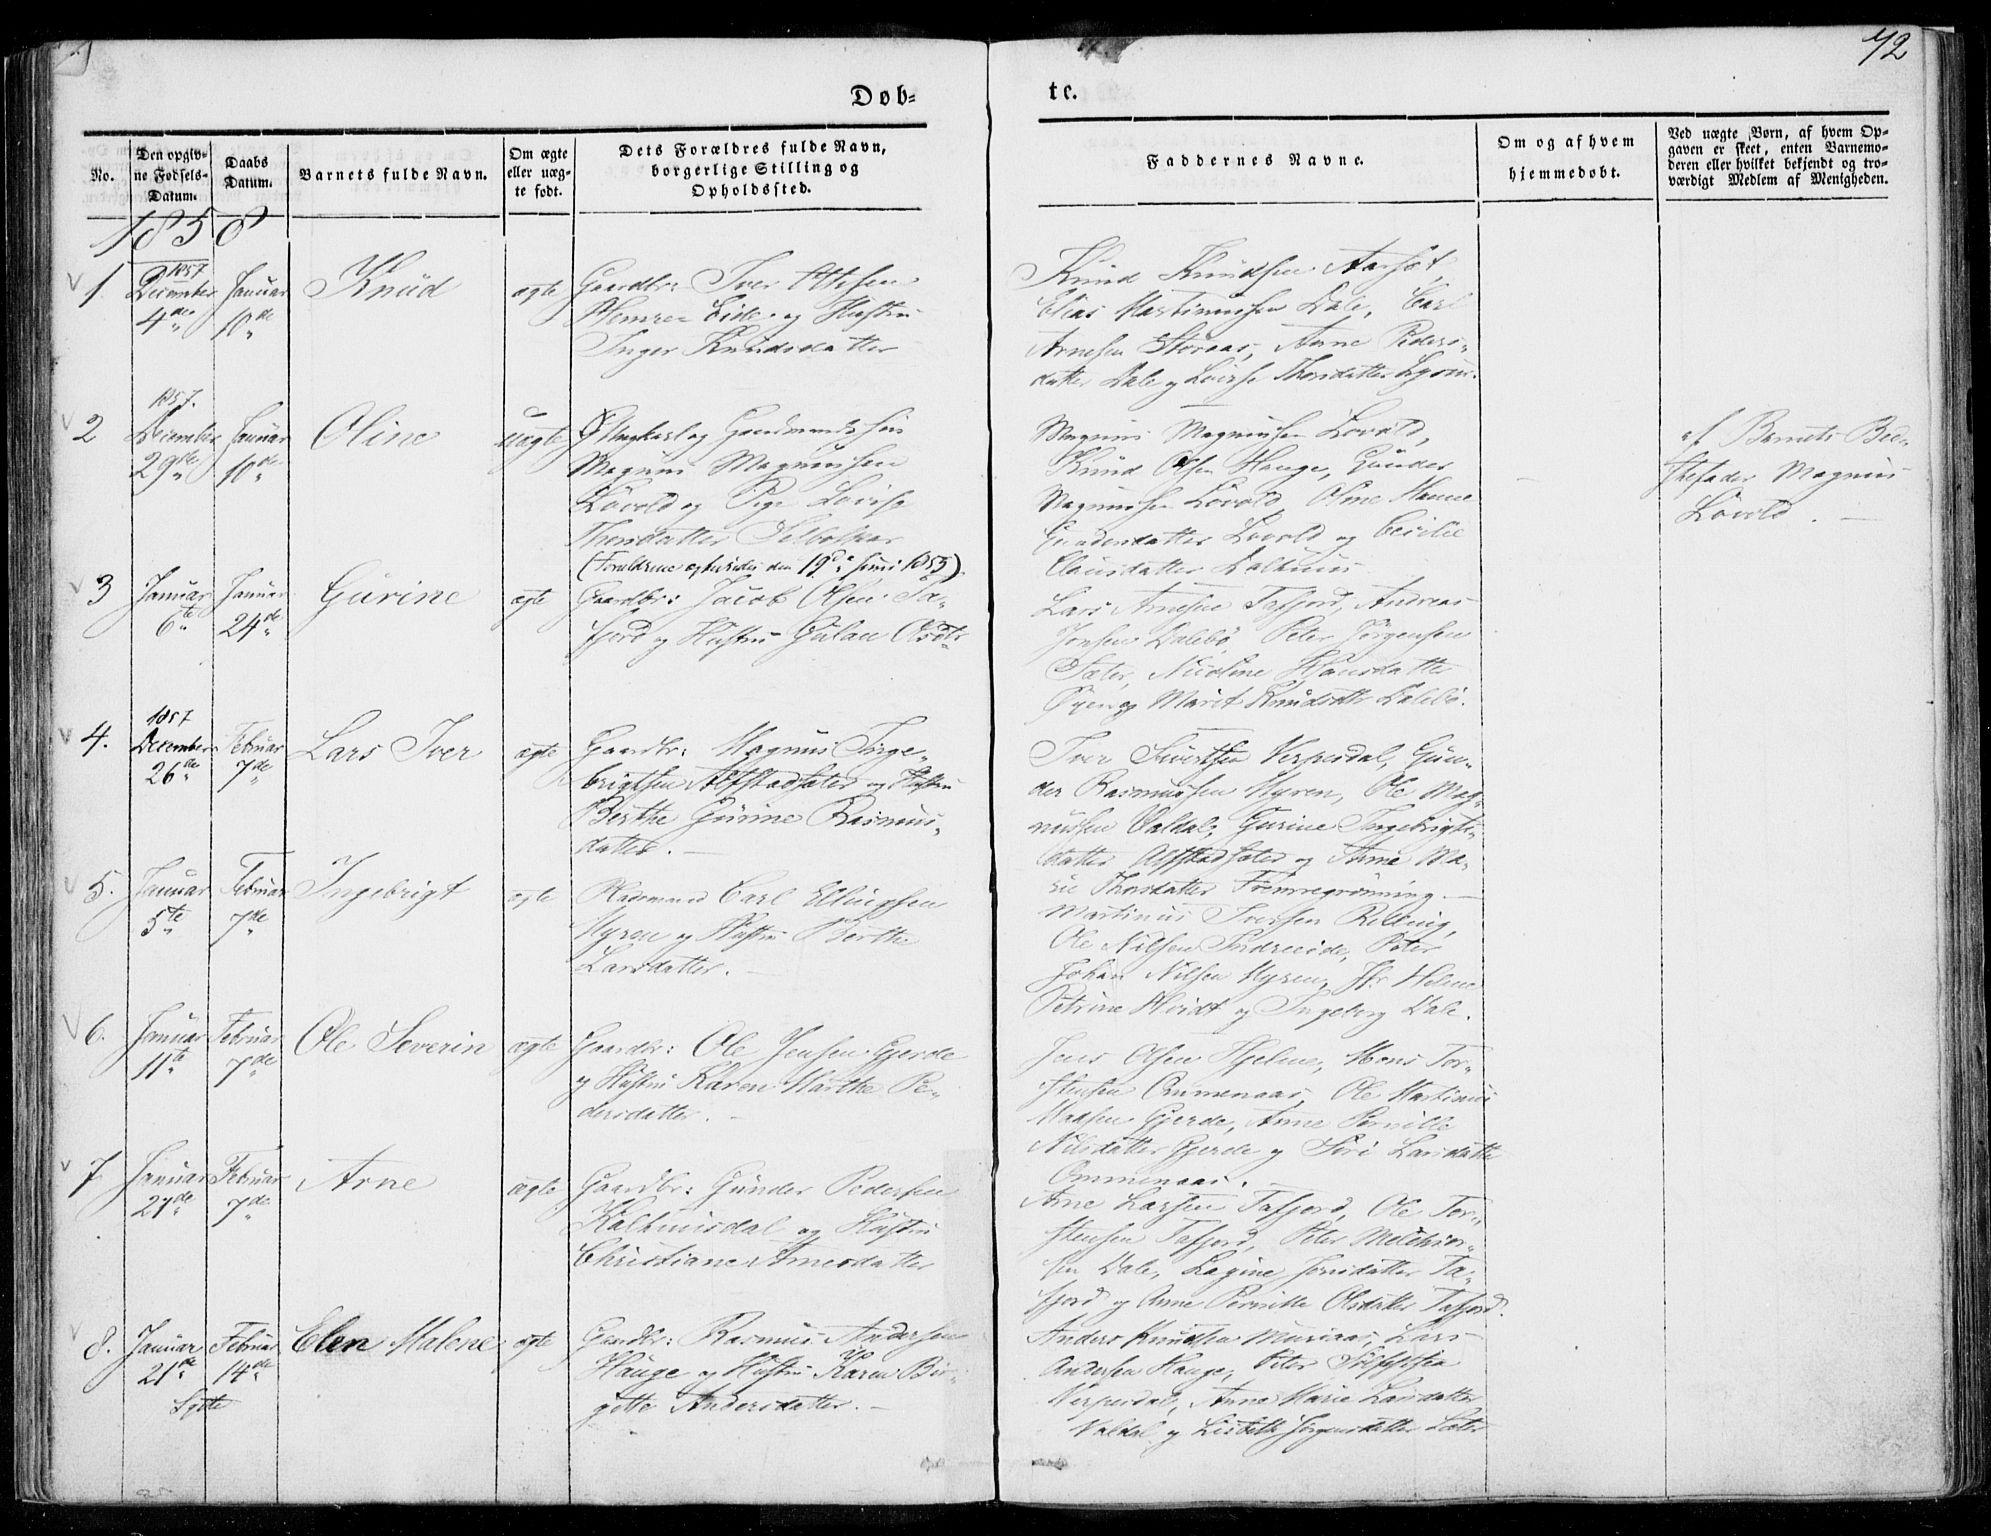 SAT, Ministerialprotokoller, klokkerbøker og fødselsregistre - Møre og Romsdal, 519/L0249: Ministerialbok nr. 519A08, 1846-1868, s. 72